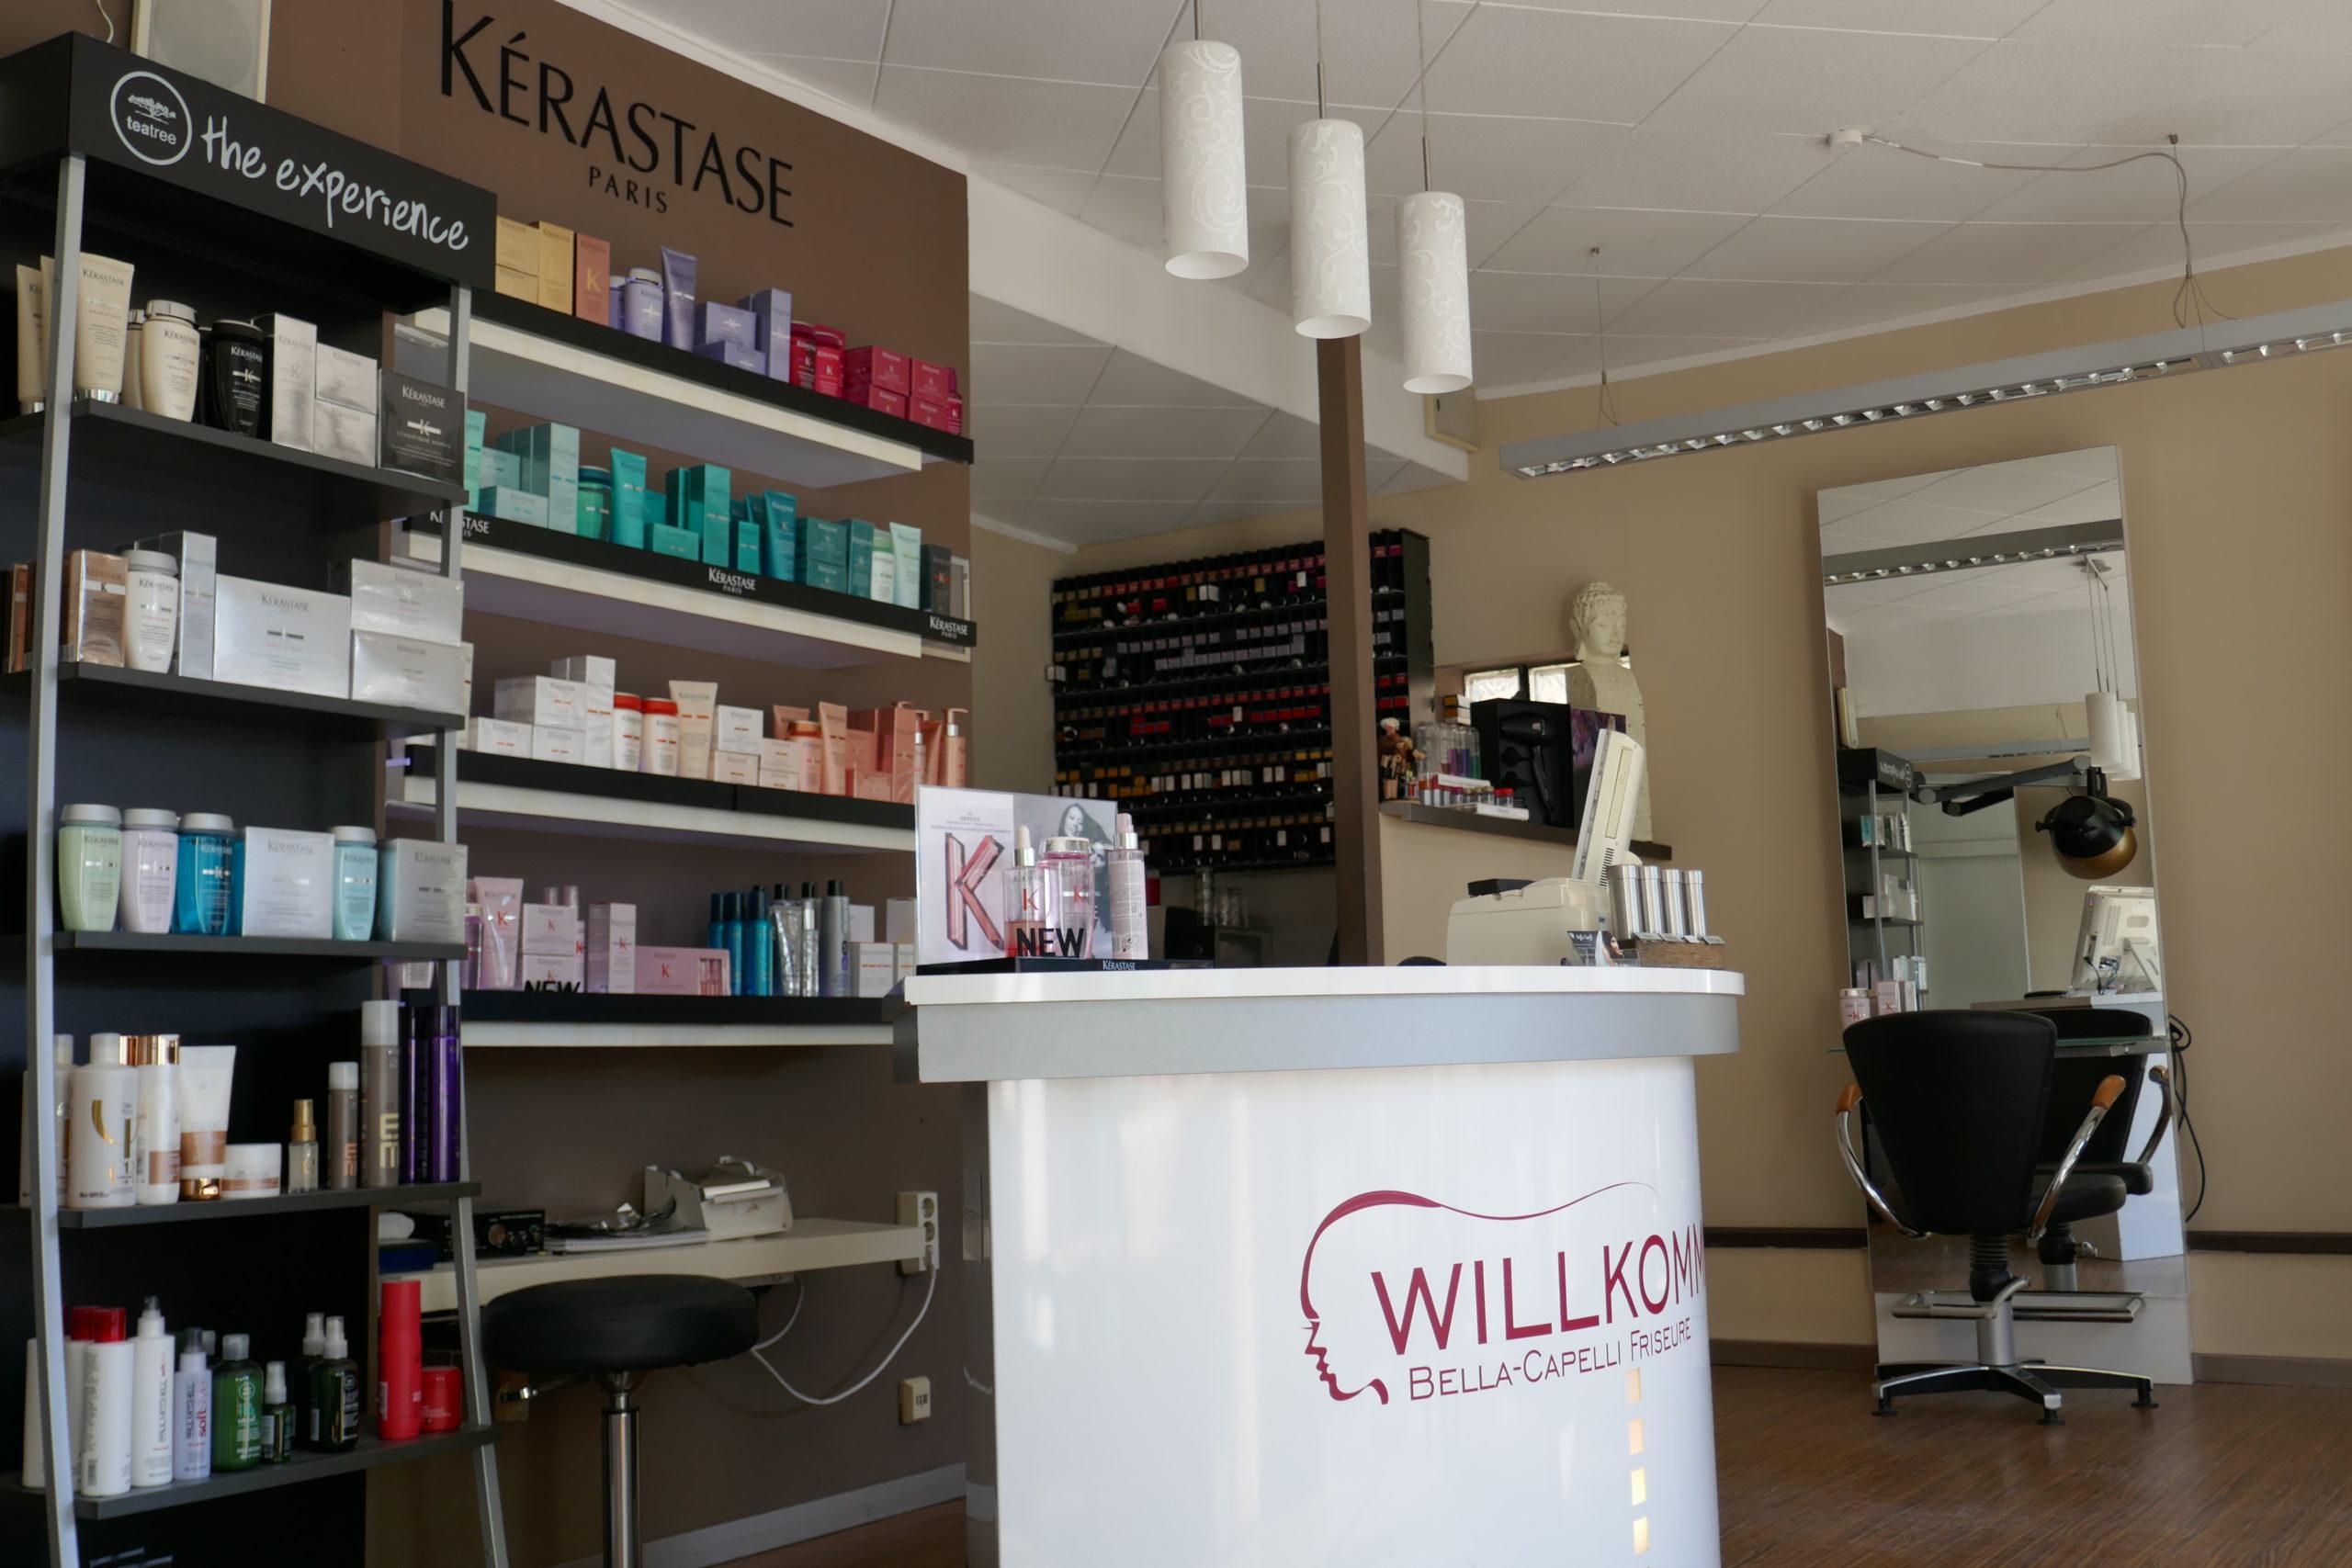 Aktuelle Haartrends und hochwertige Produkte - Wir beraten individuell & nehmen uns Zeit! Jetzt Termin bei Friseur Bella Capelli in Damstadt vereinbaren!